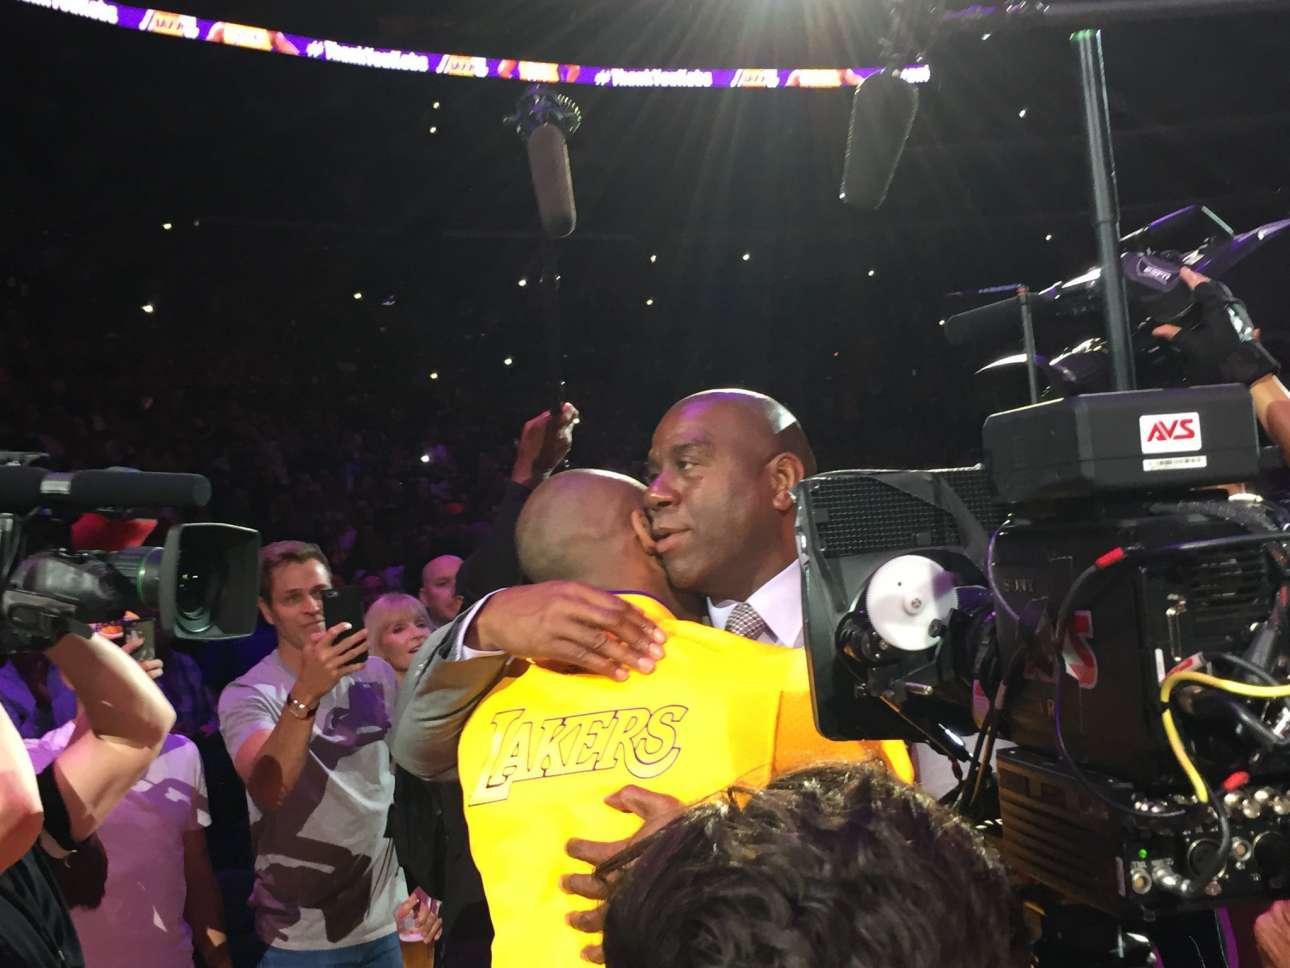 Απρίλιος 2016, Λος Αντζελες. Μια αγκαλιά από τον Μάτζικ Τζόνσον, δημιουργό του μπασκετικού showtime των Λέικερς το οποίο συνέχισε ο Κόμπι